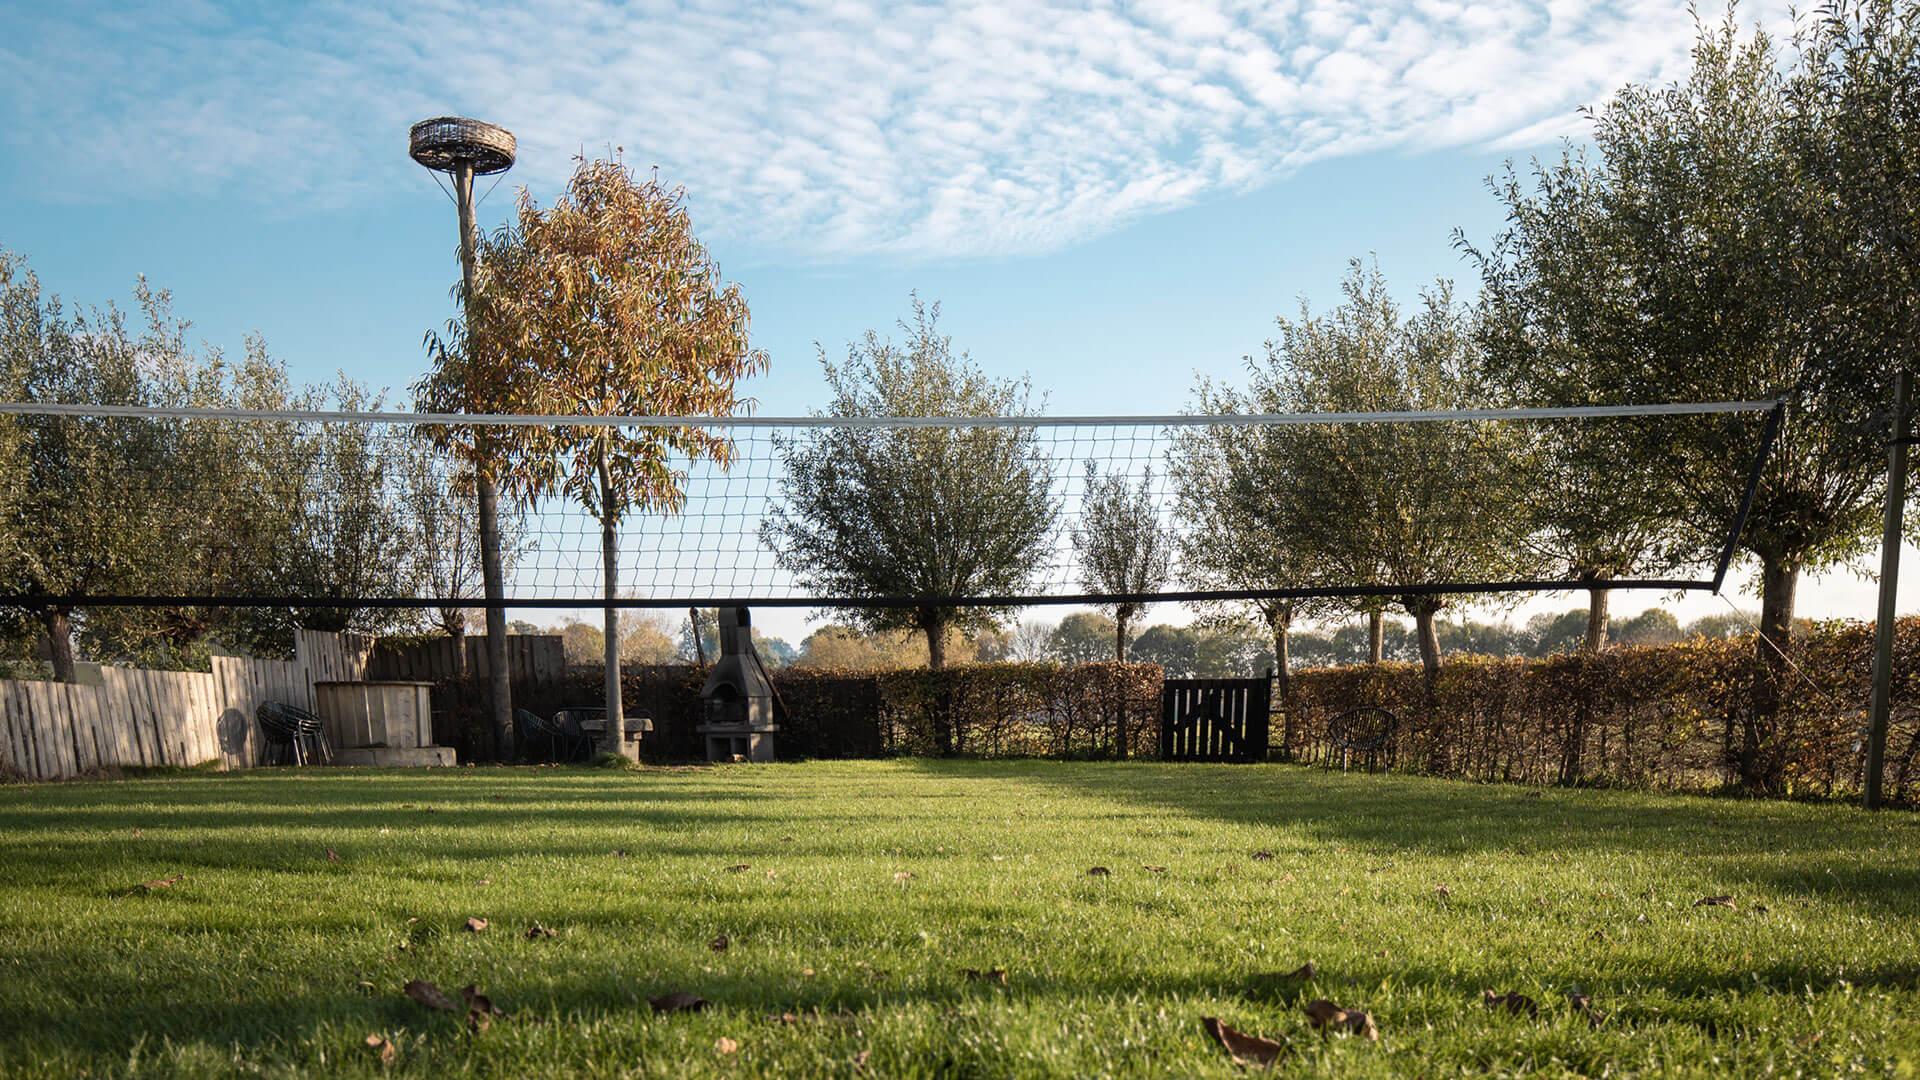 volleybalveld en zithoek met vuurkorf